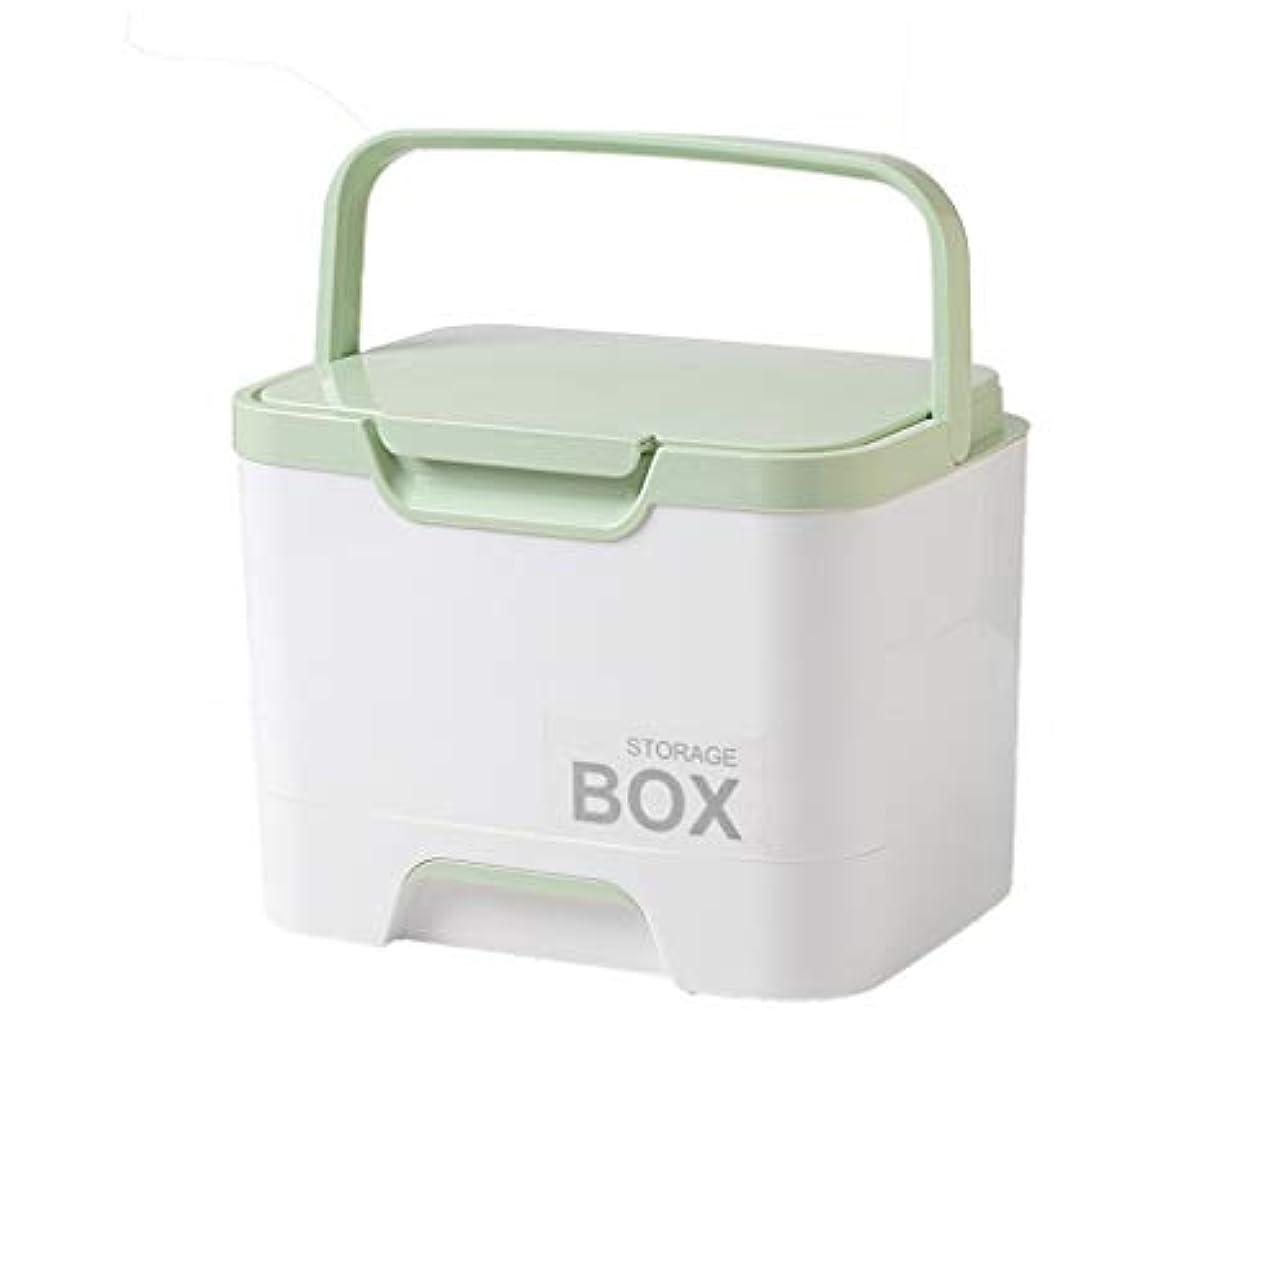 ビスケット適用済みバングラデシュ二層の救急箱は4色を使用して学校旅行の自動運転旅行のために適した薬剤の箱を任意で入れます SYFO (Color : Green)